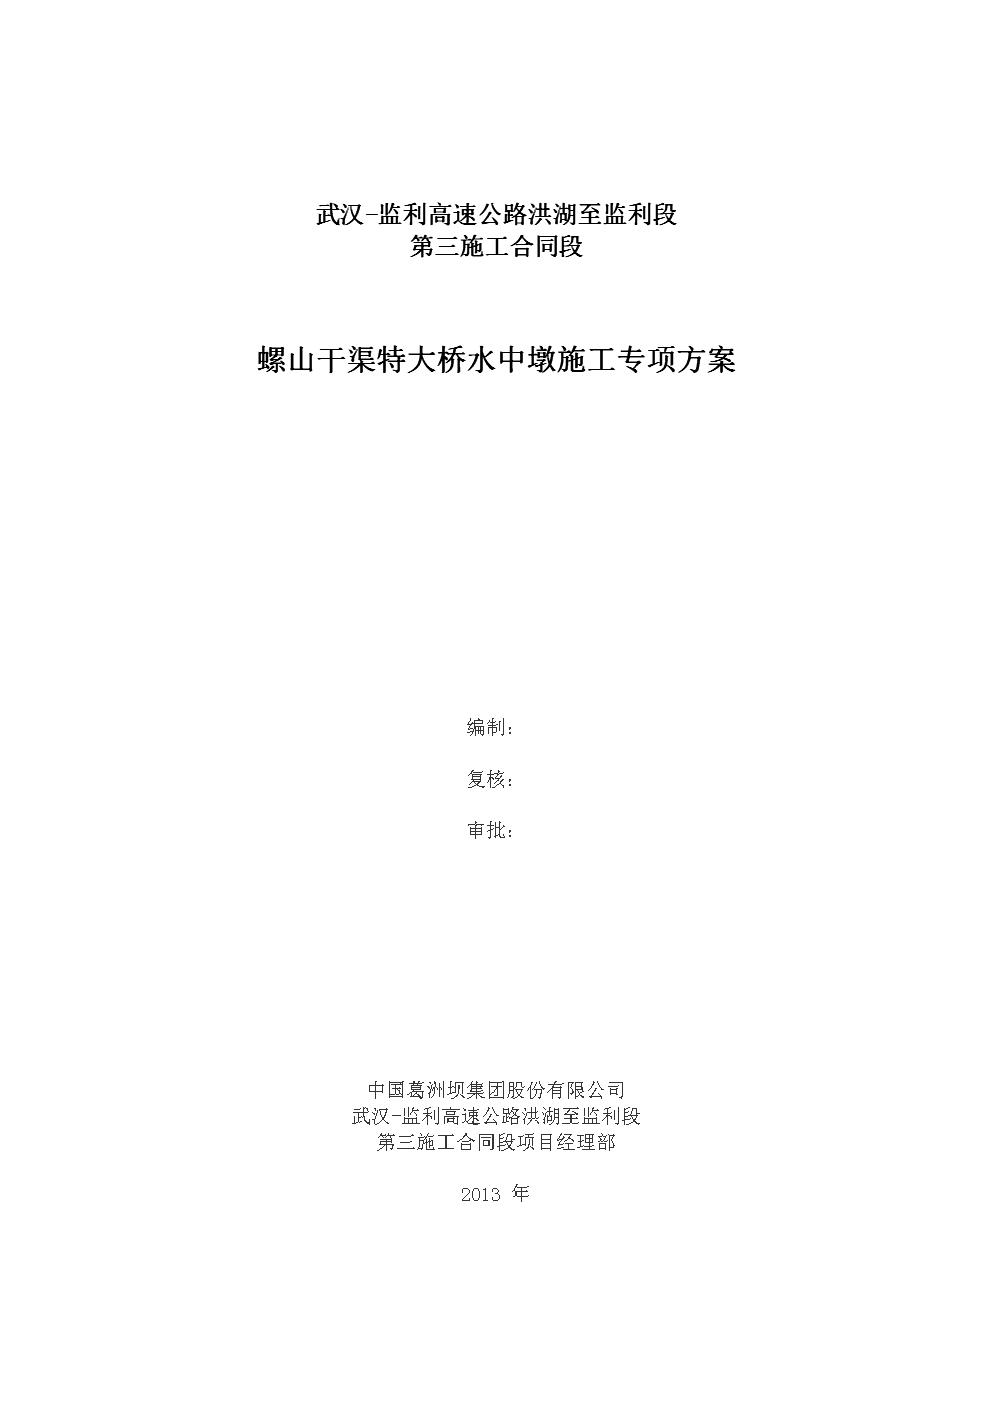 螺山干渠特大桥水中墩施工专项方案.doc